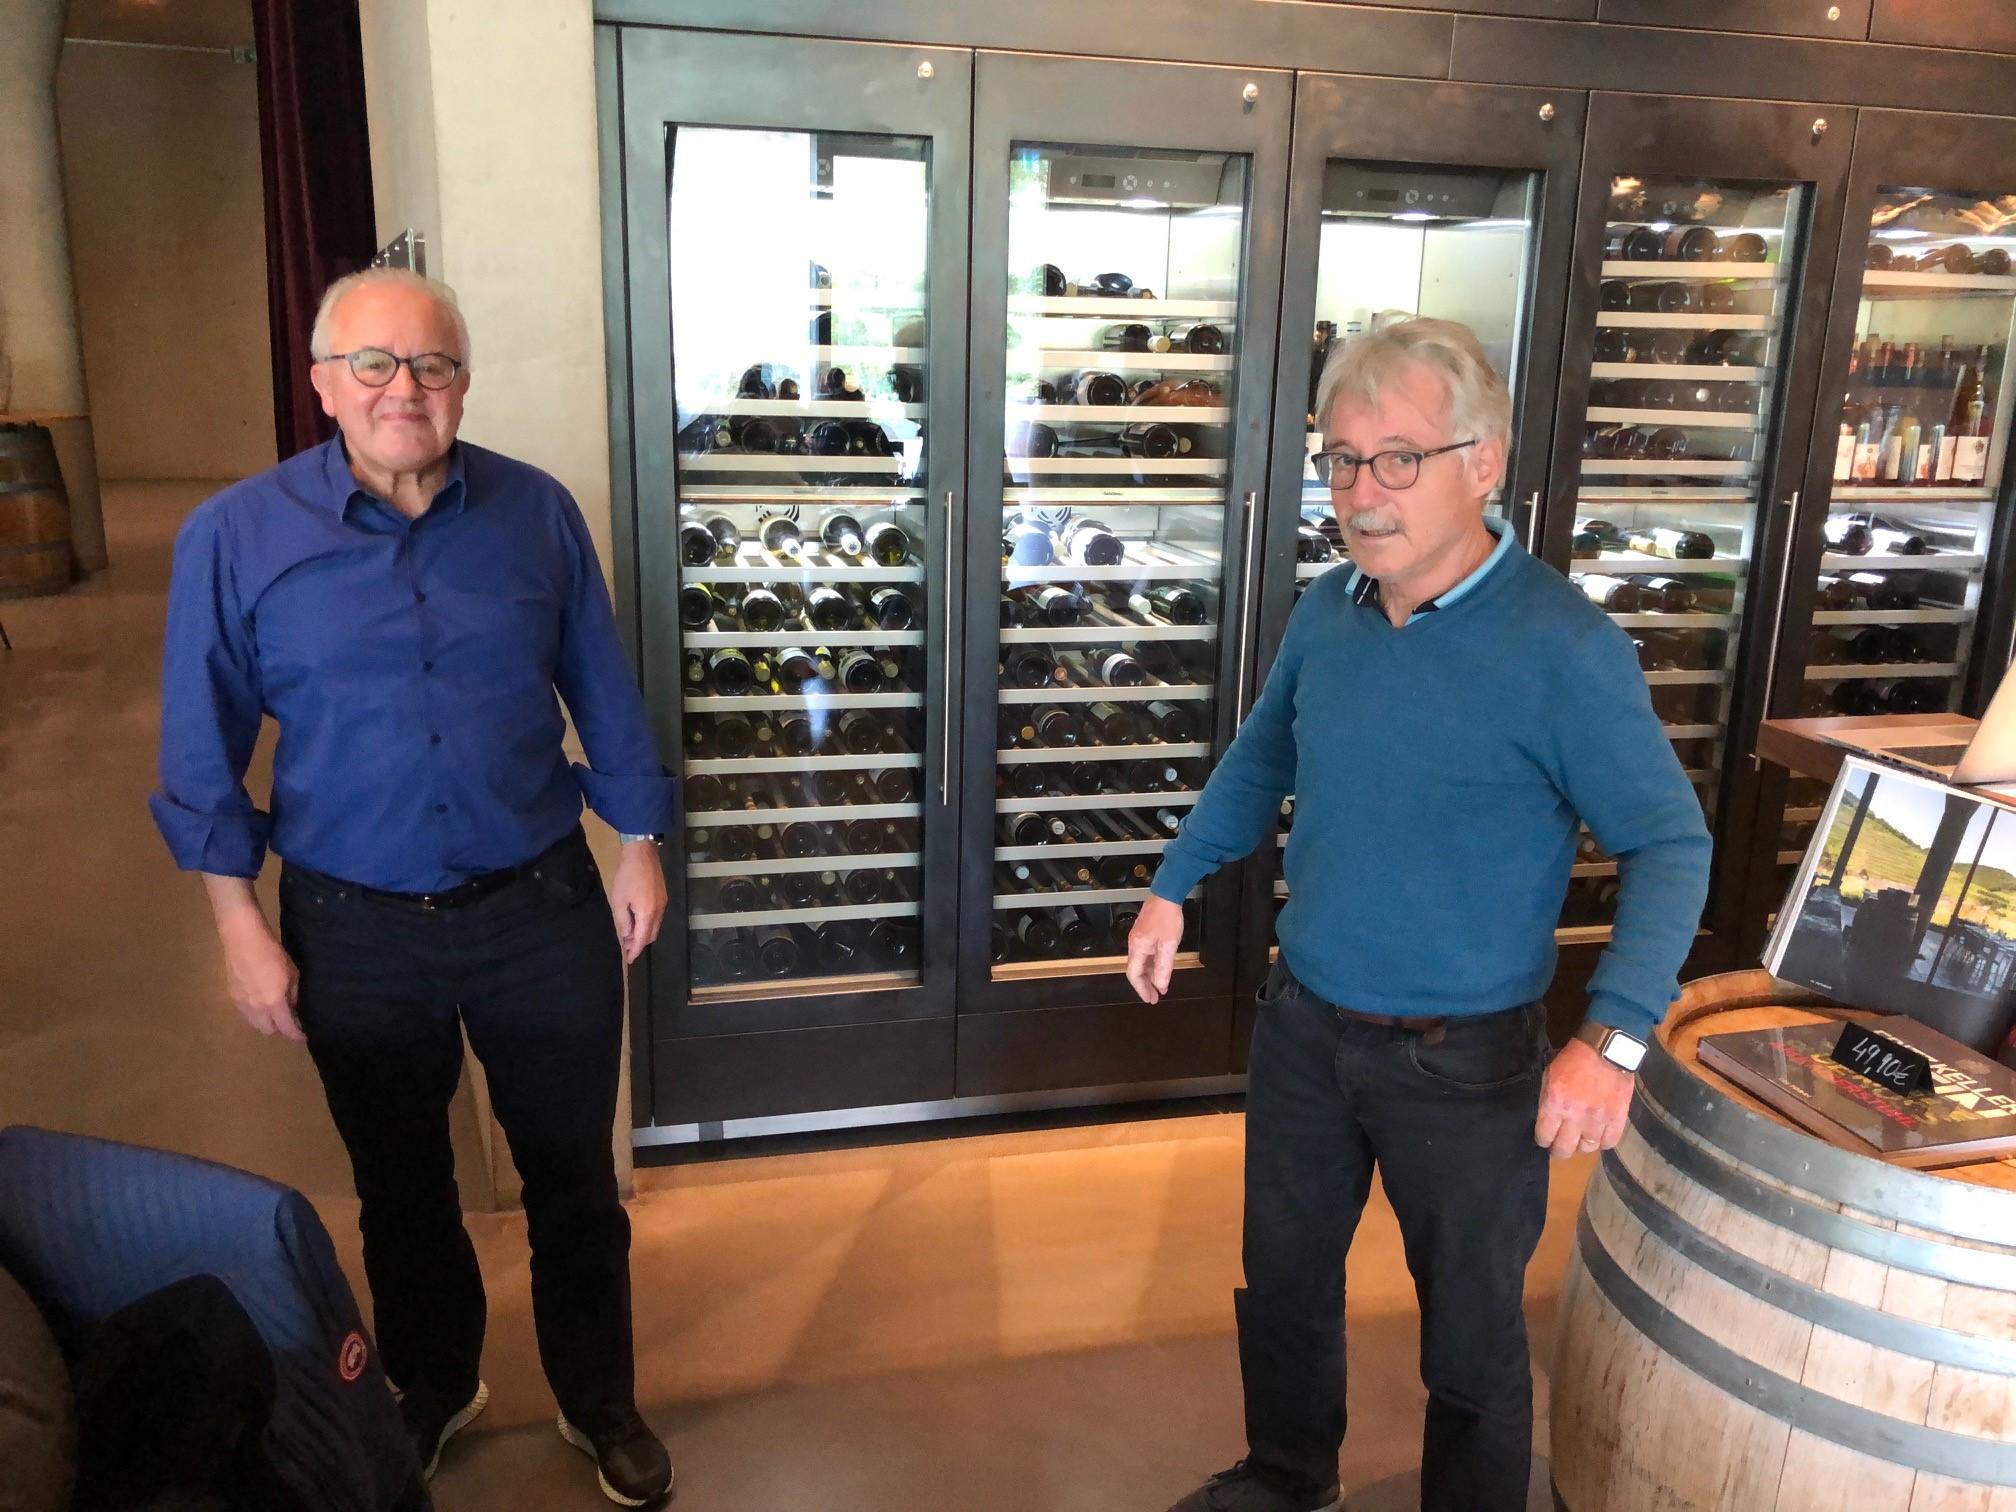 Ein Präsident vom FSV reicht nicht - es müssen zwei weitere her: DFB-Präsident Fritz Keller und ÄFC-Präsident Dr.W.Klee (es fehlen bereits 4 Flaschen aus dem Weinregal...)